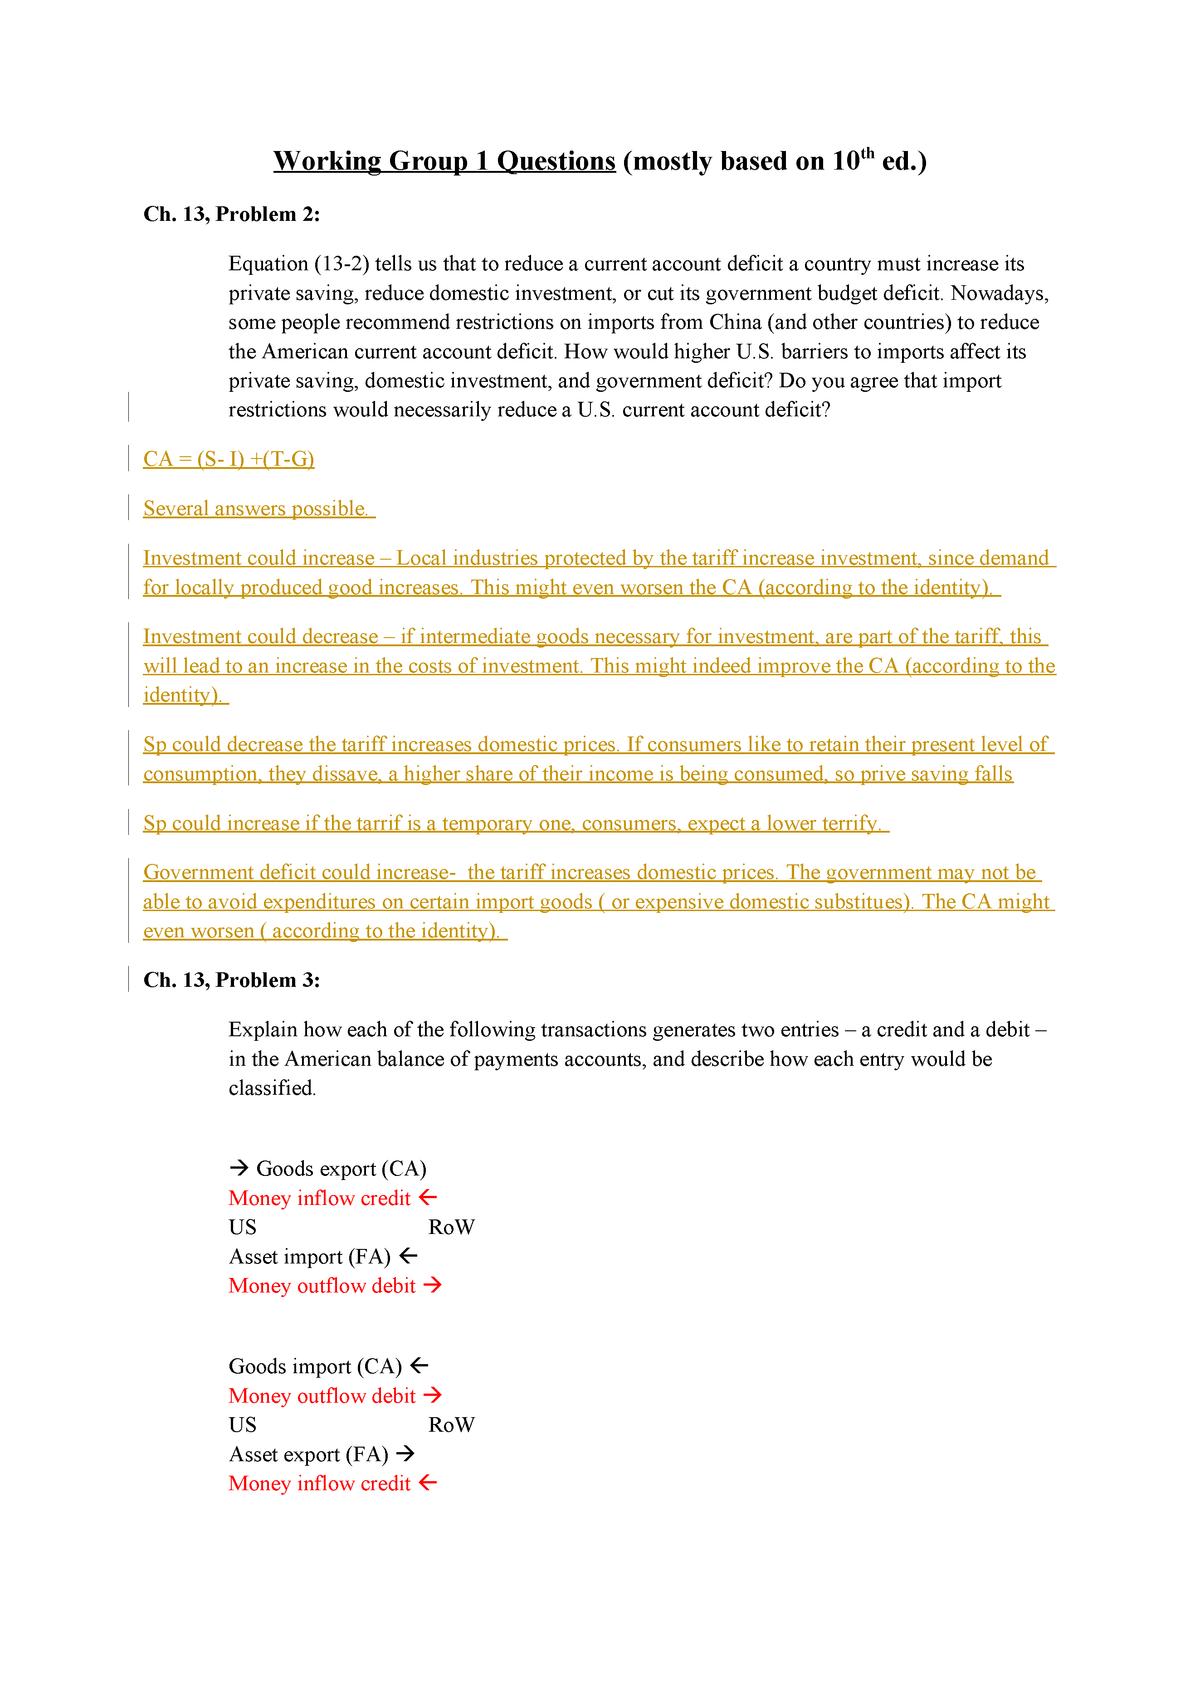 Working Group 1 Questions + awnsers - MAN-BCU2021: International